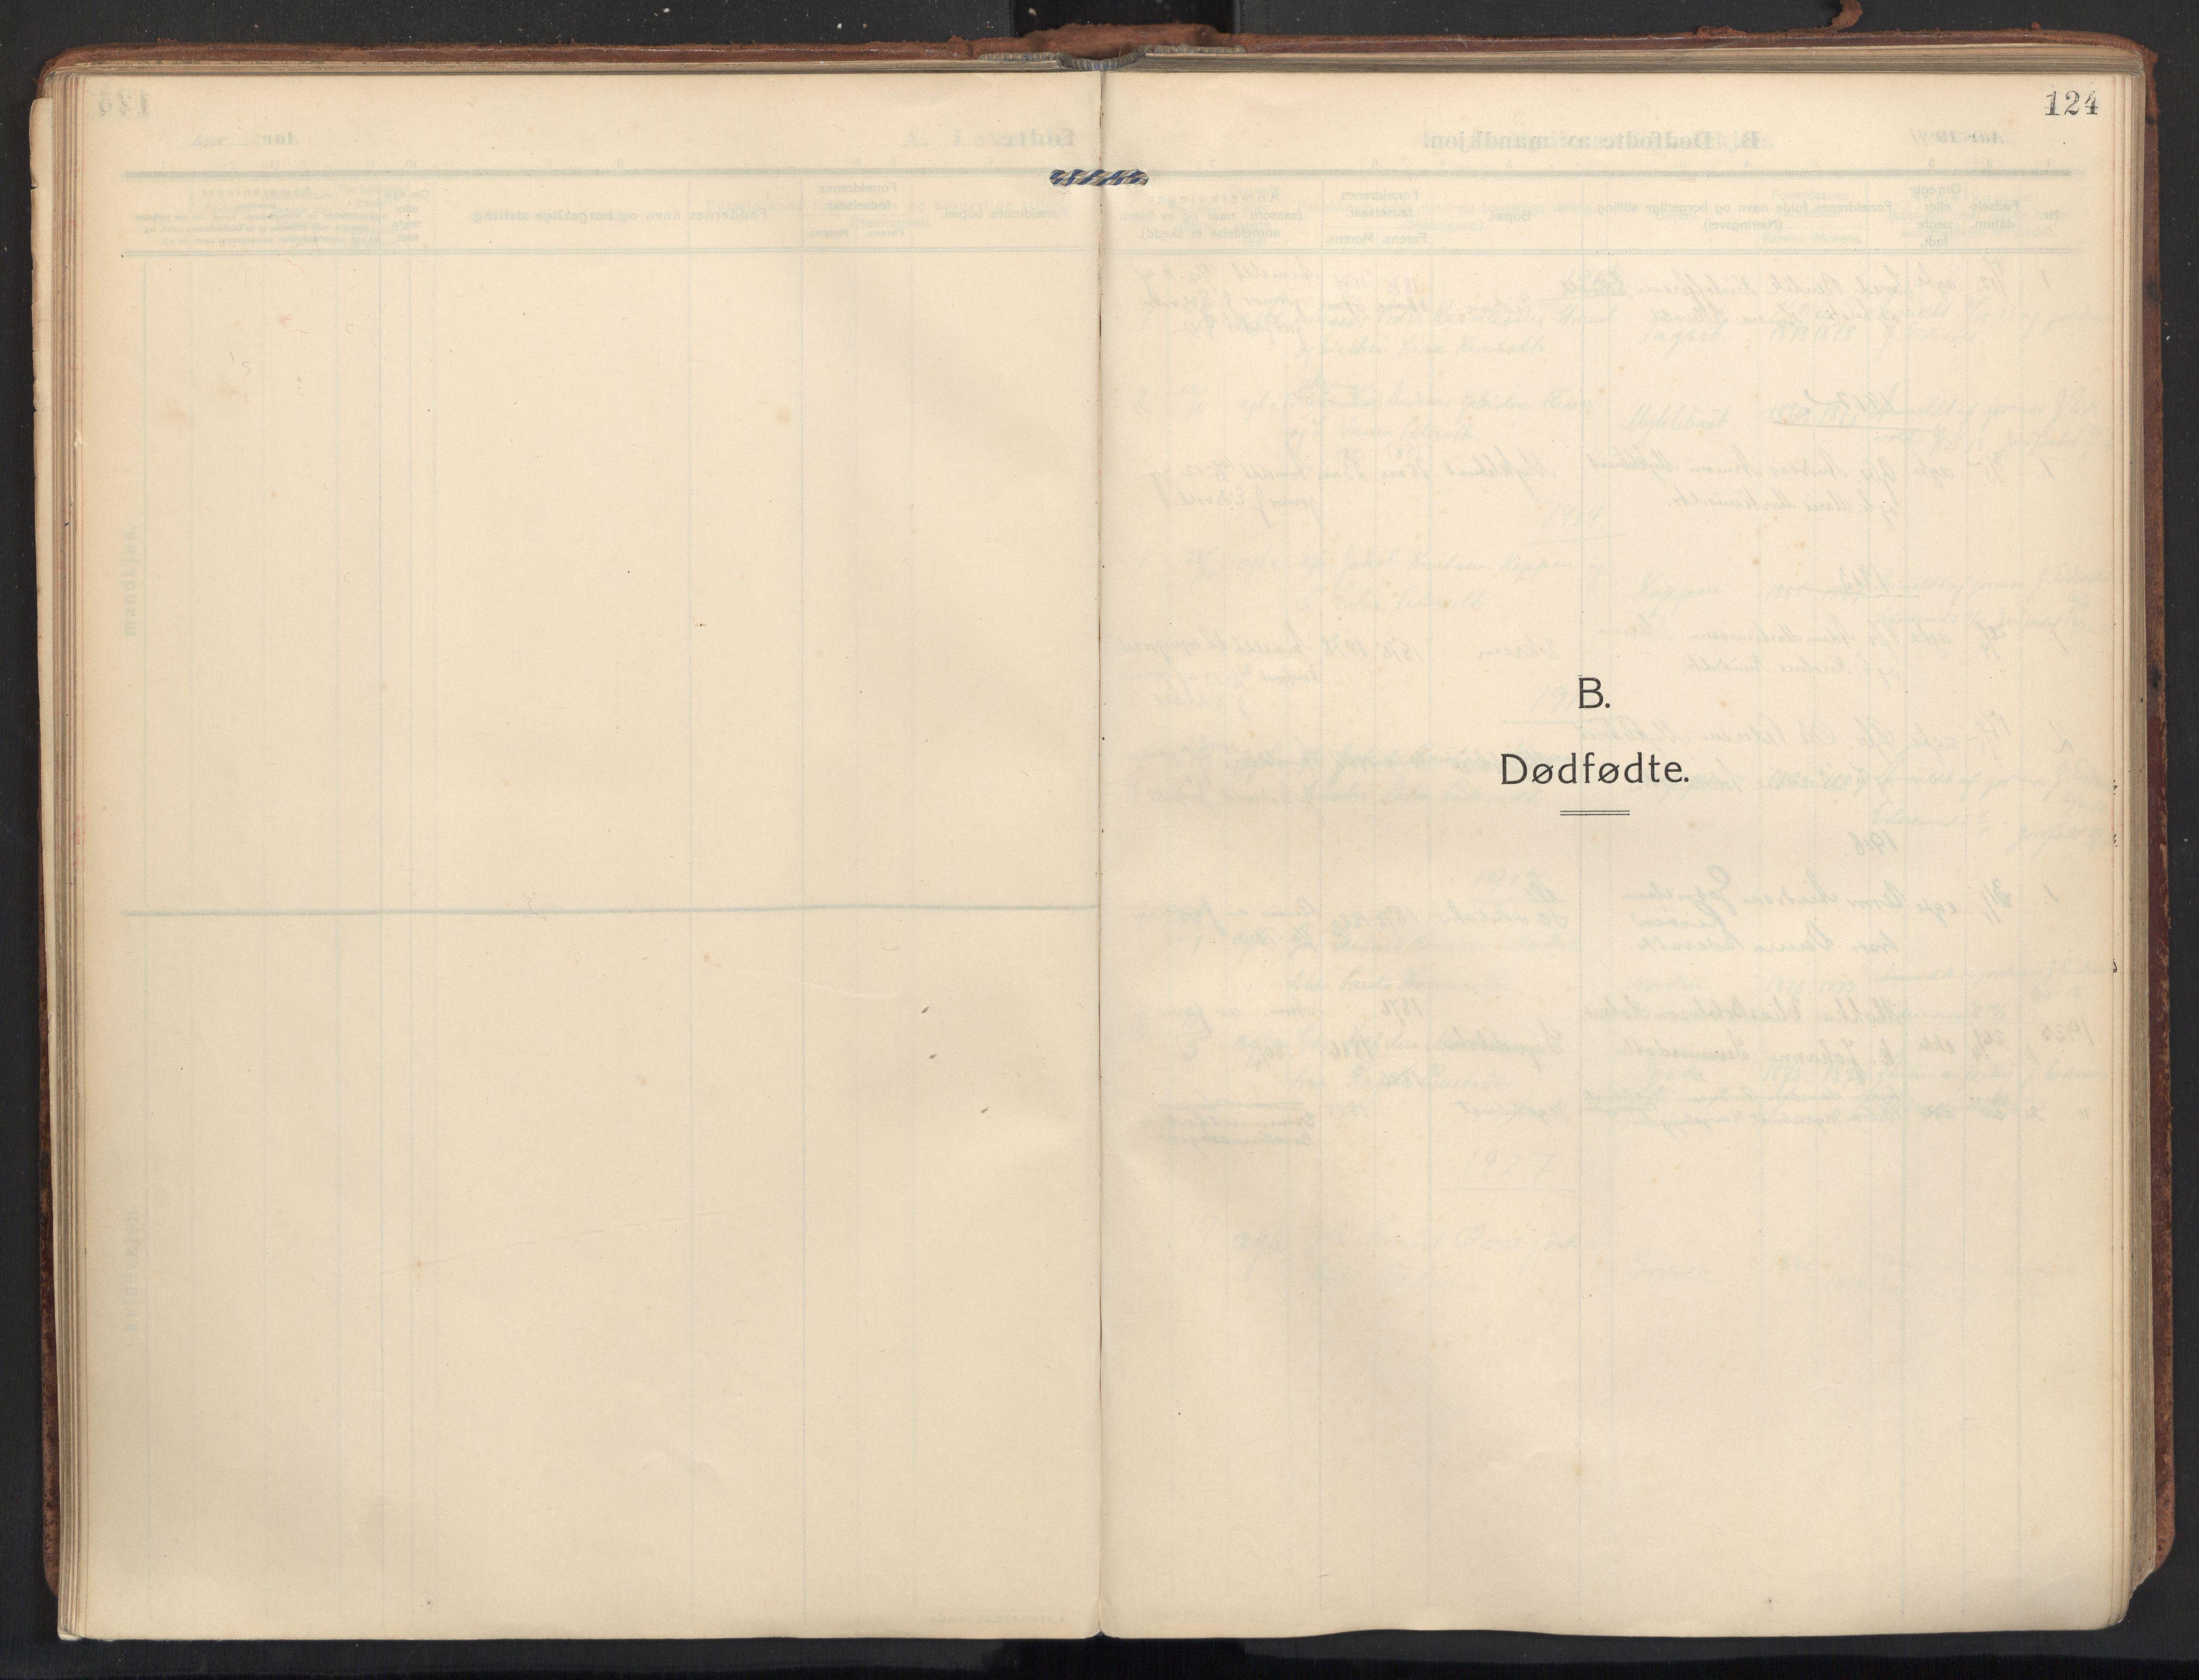 SAT, Ministerialprotokoller, klokkerbøker og fødselsregistre - Møre og Romsdal, 502/L0026: Ministerialbok nr. 502A04, 1909-1933, s. 124